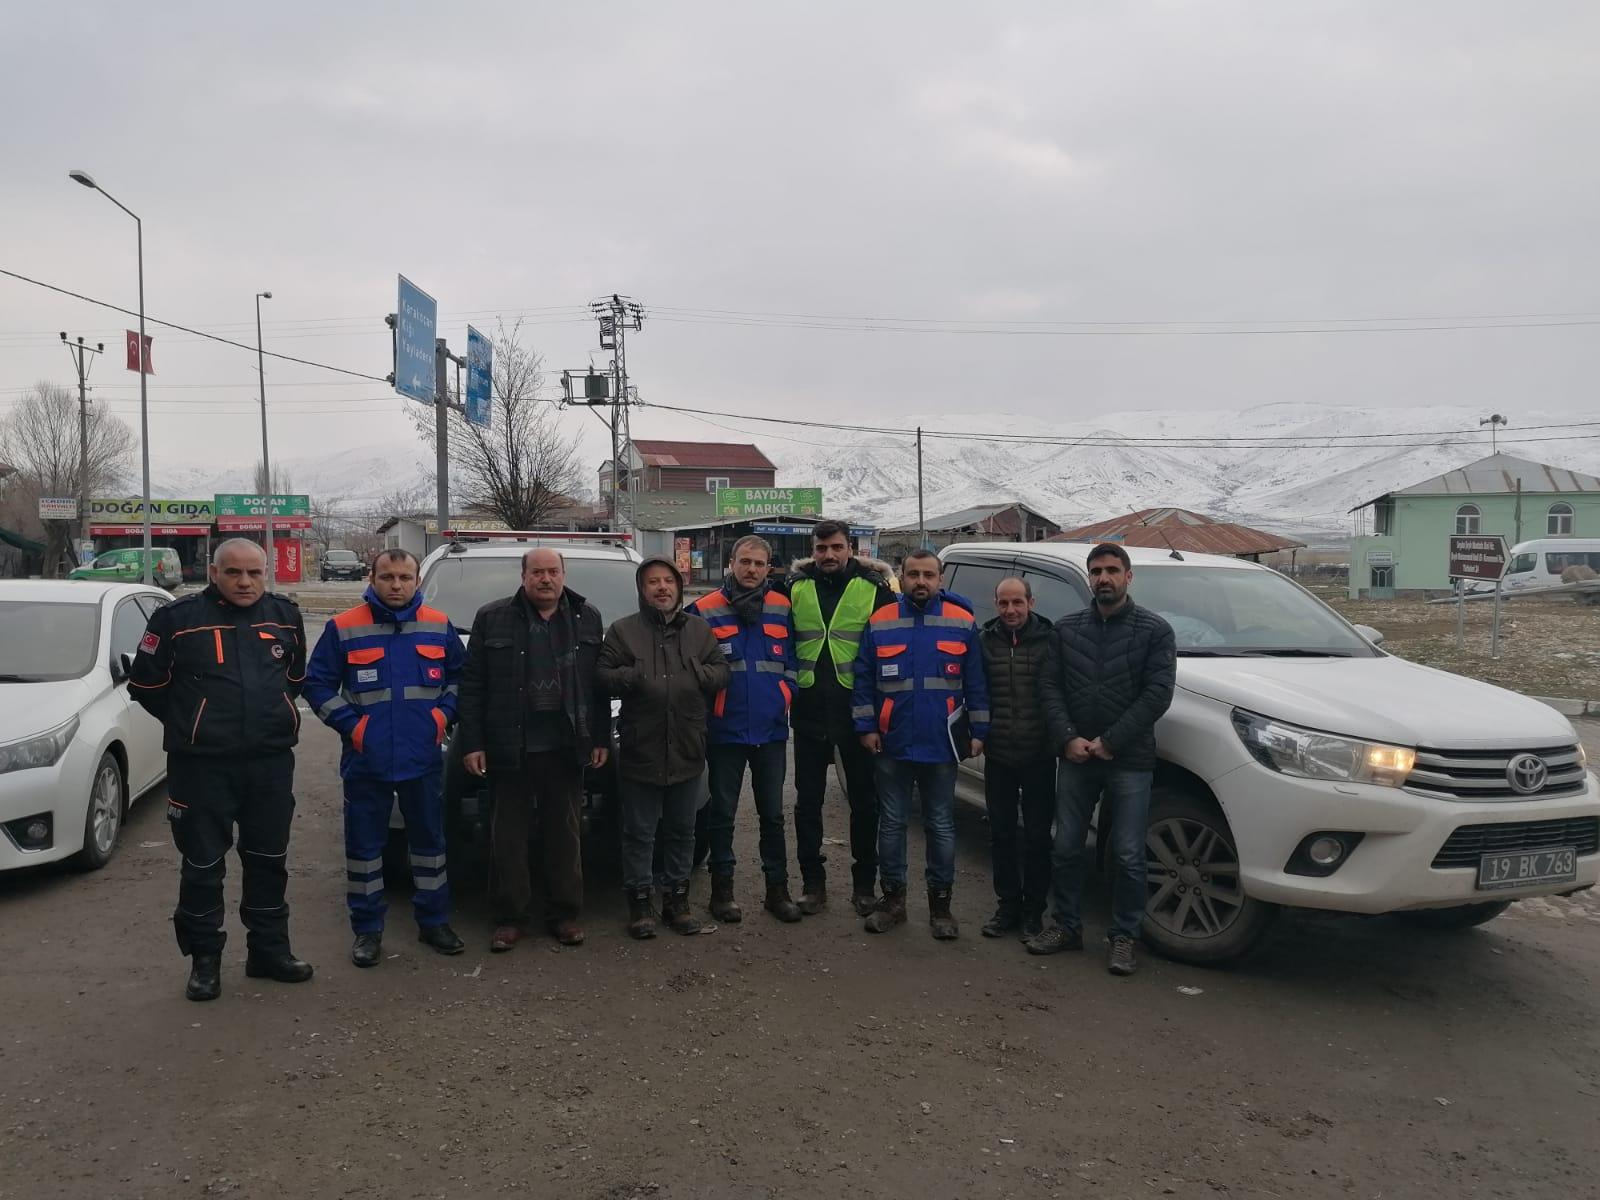 Elazığ-Malatya Deprem Bölgesinde Müdürlüğümüz Personellerinin de Görev Aldığı Hasar Tespit Çalışmaları…